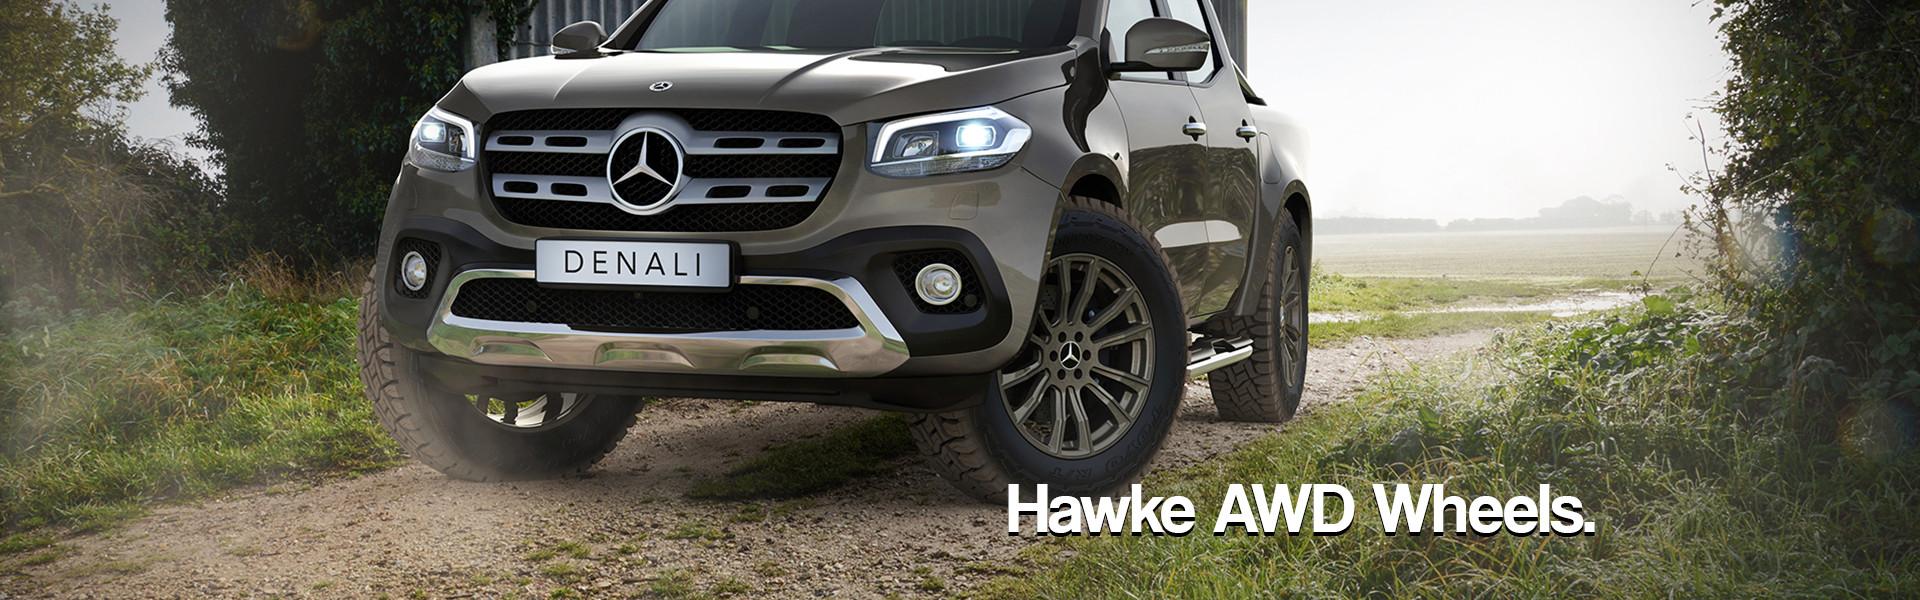 hawke-awd.jpg